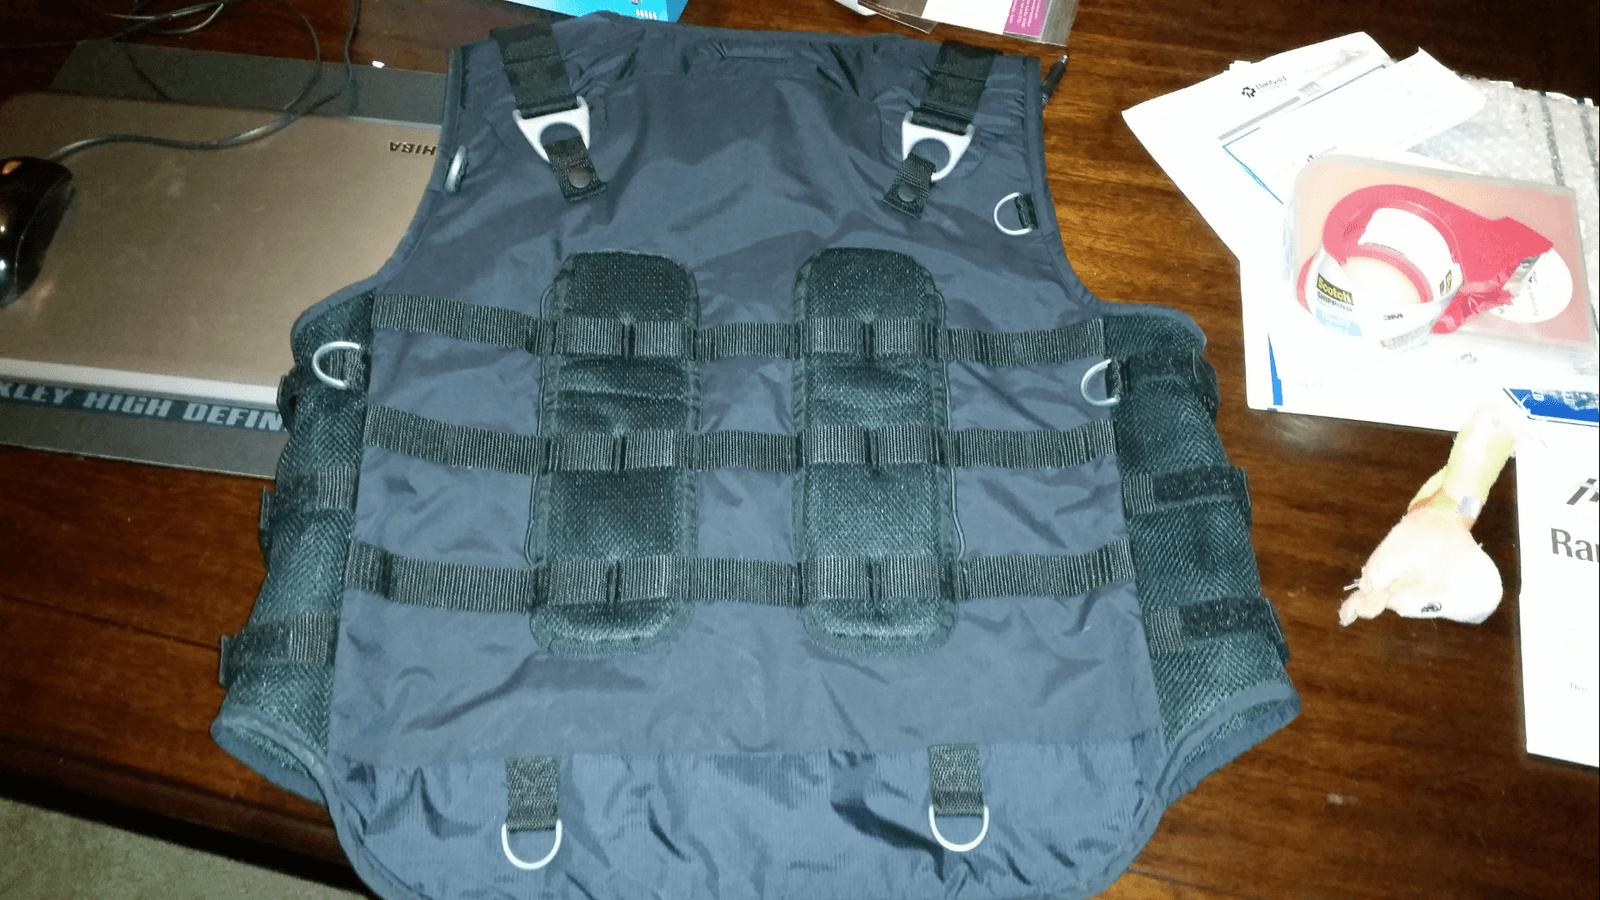 Oakley Ap vest XL - uploadfromtaptalk1429908061026.png